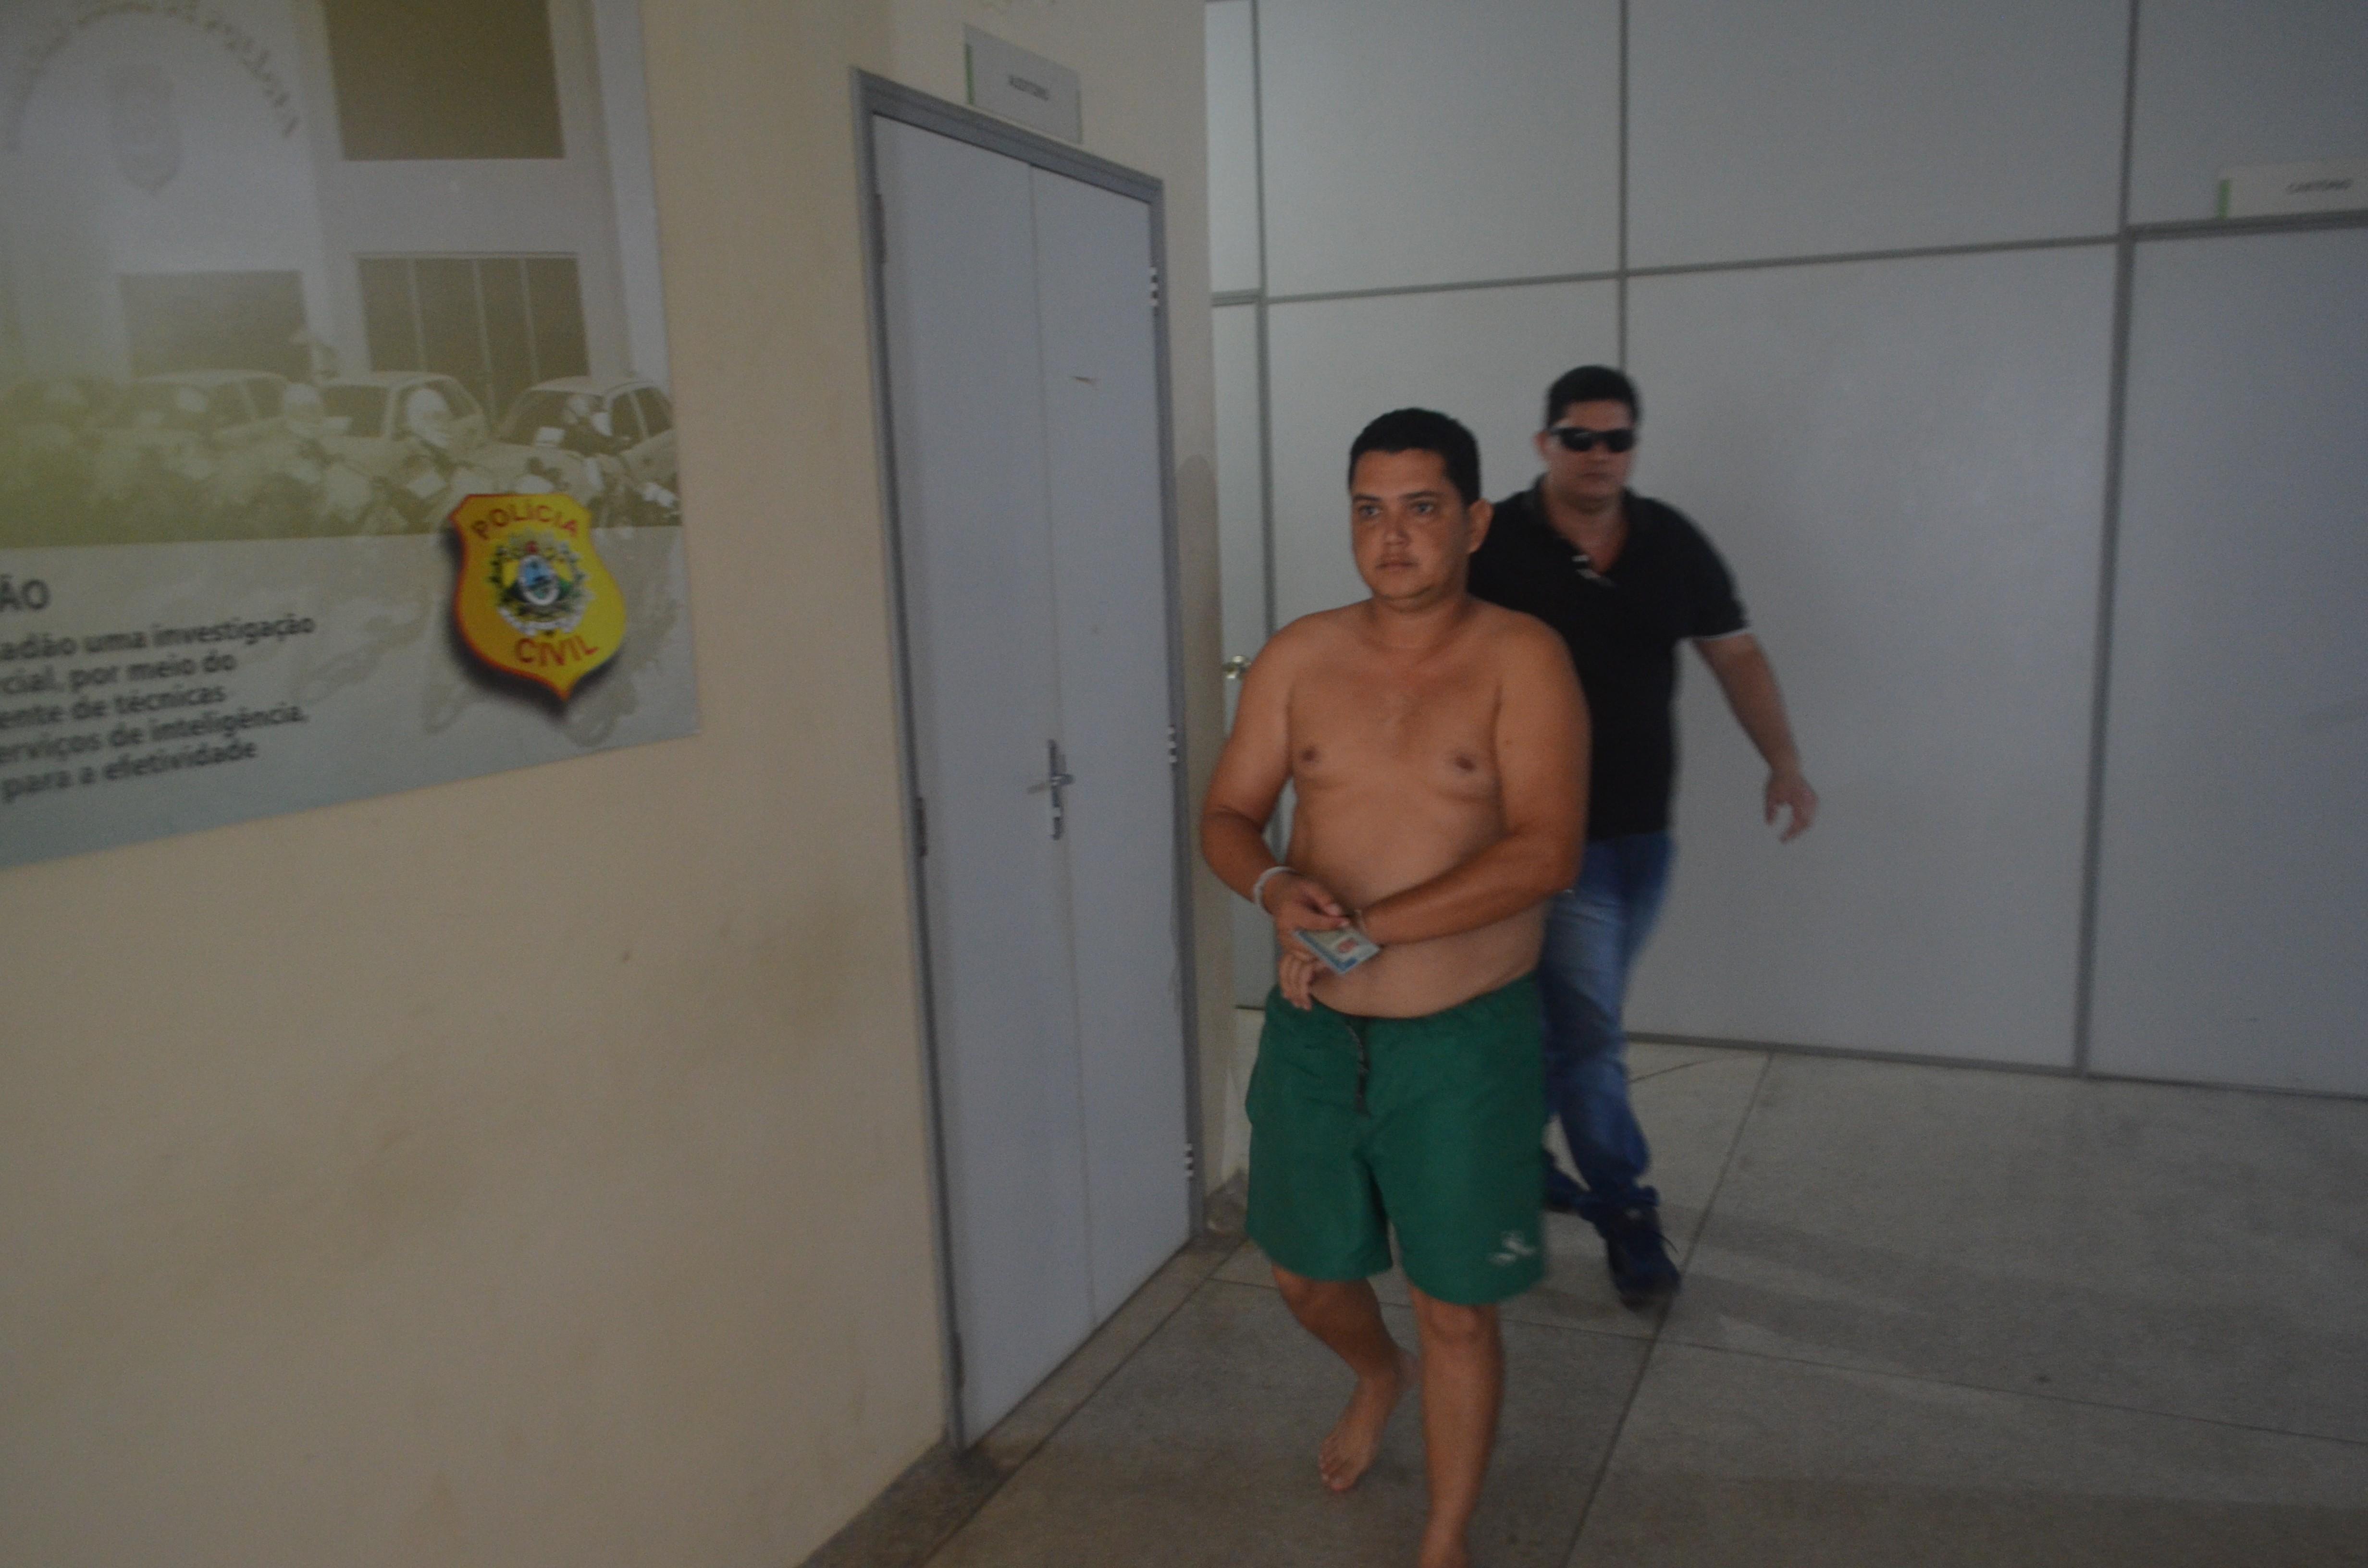 Taxista suspeito de envolvimento com facção criminosa é preso por tráfico de drogas em Cruzeiro do Sul